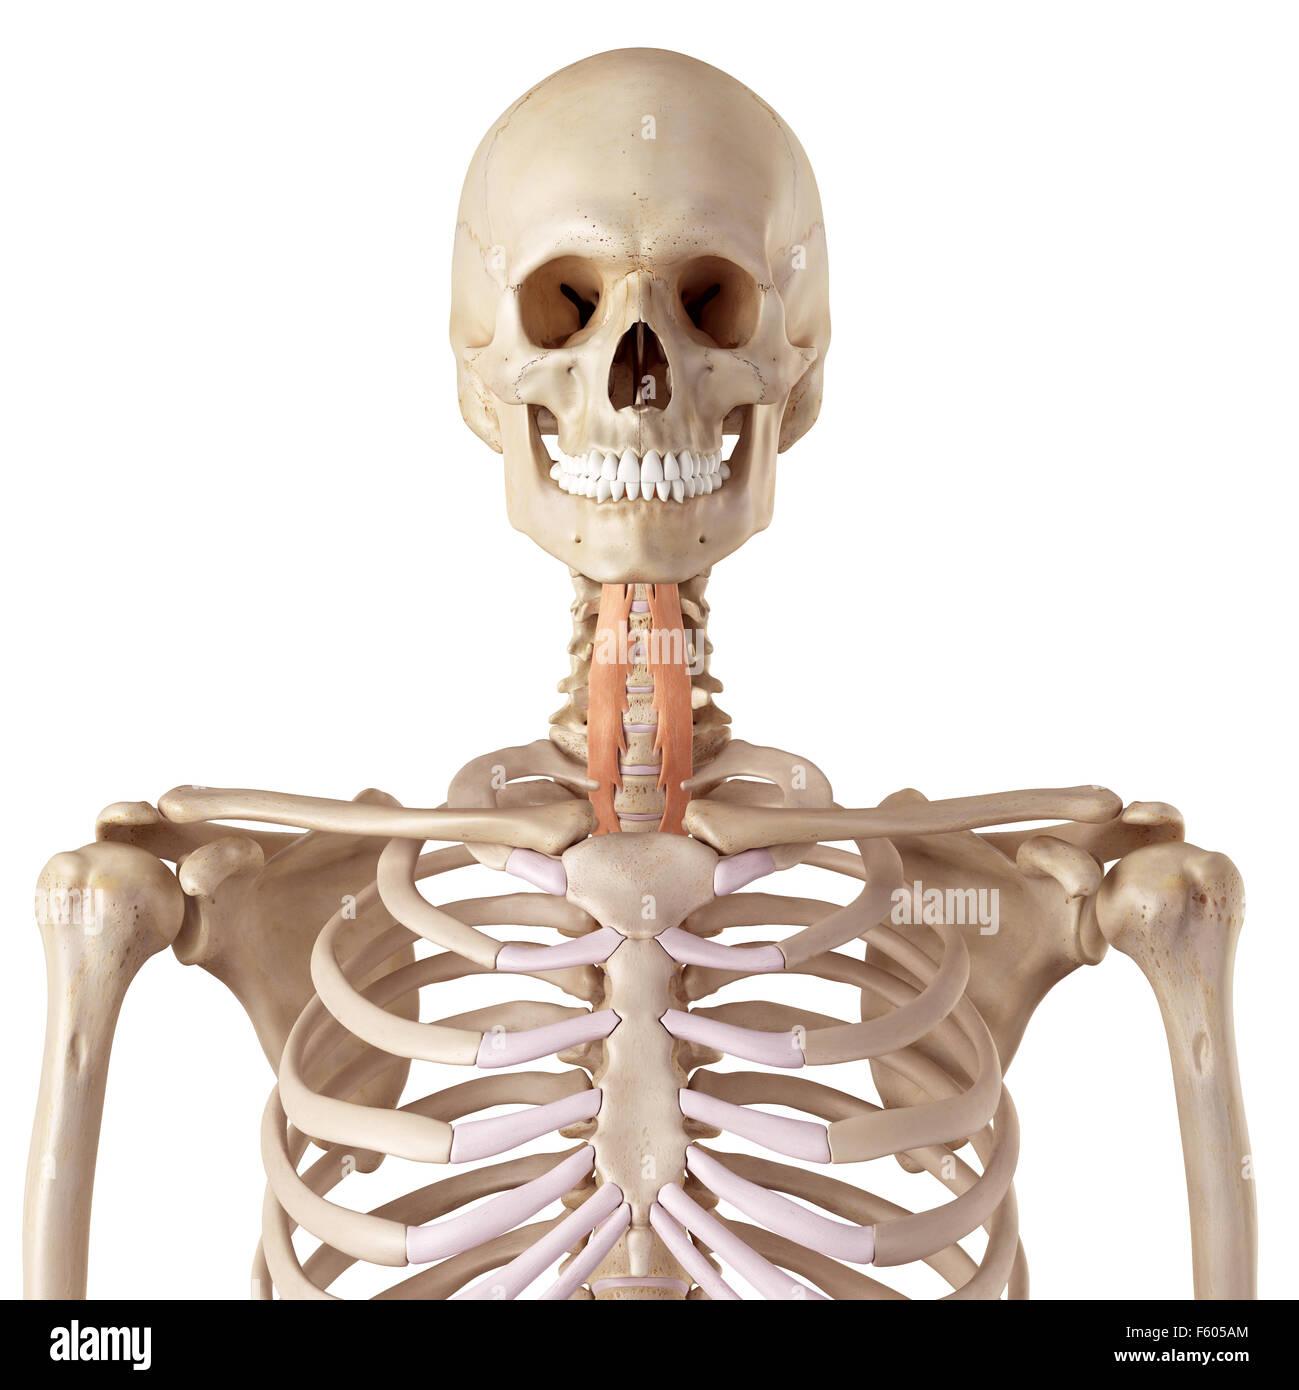 Wunderbar Hals Dreieck Anatomie Galerie - Menschliche Anatomie ...